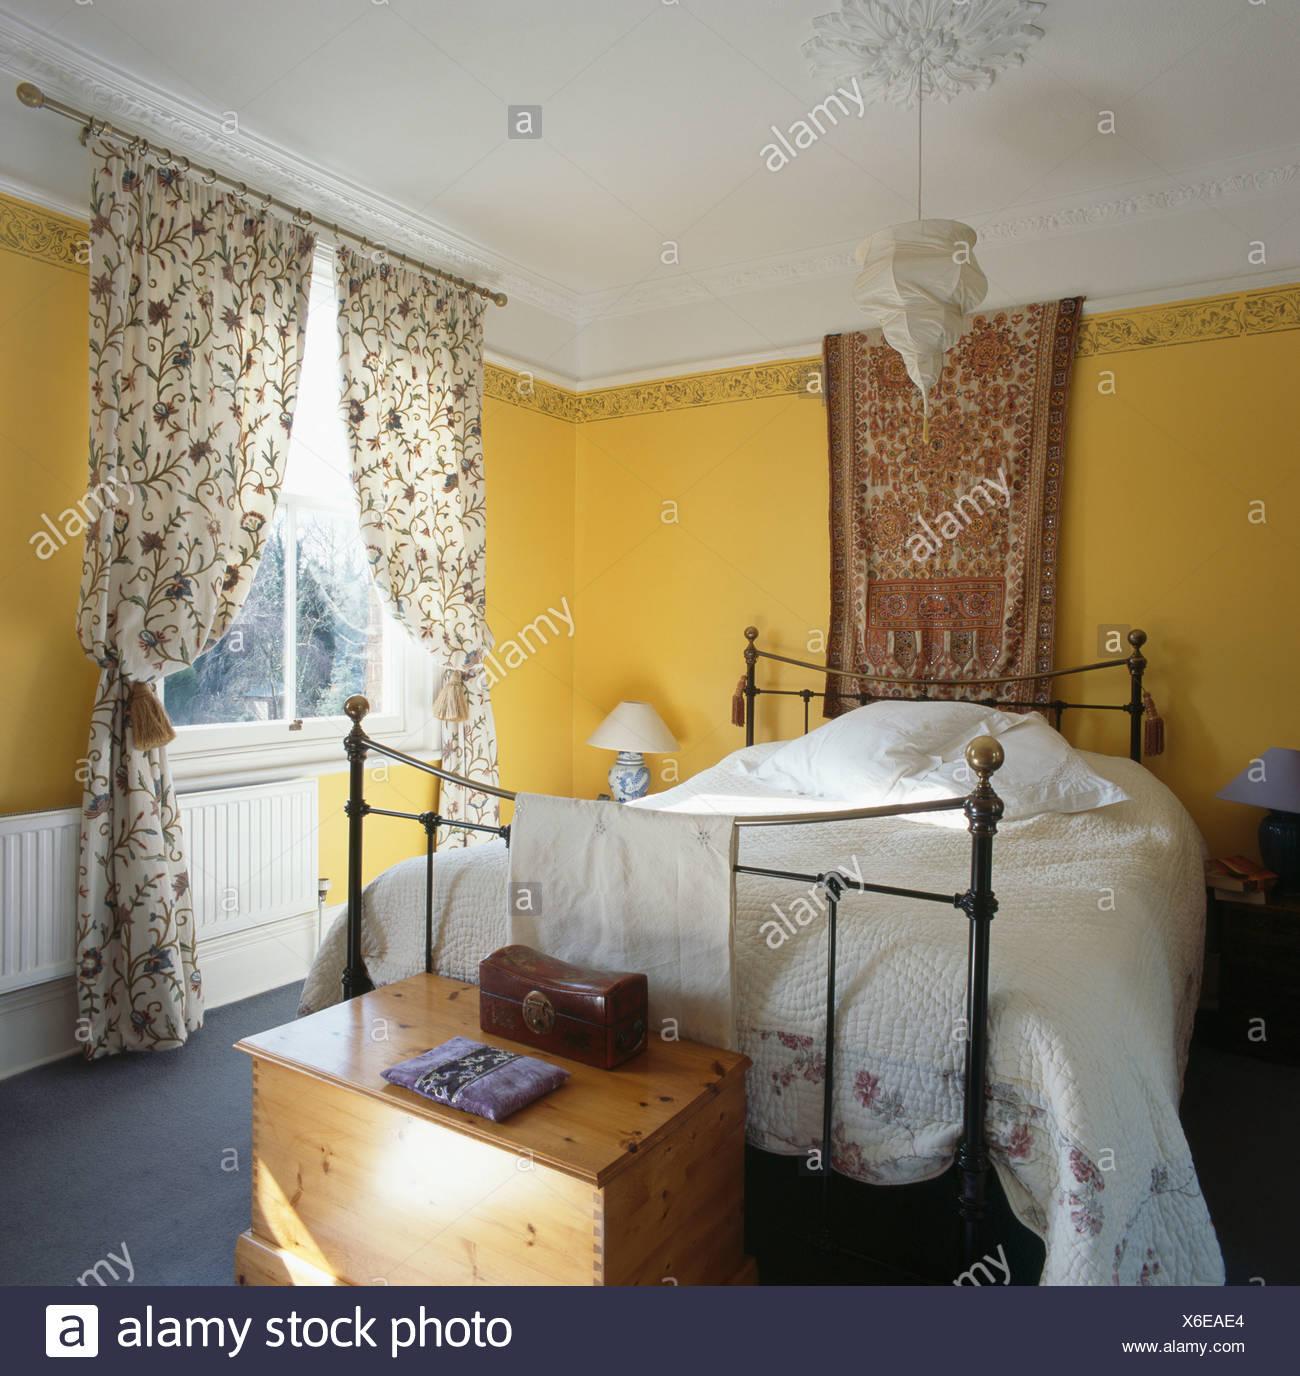 Stoff An Wand über Eisen Und Messing Bett Mit Weißen Bettdecke Im